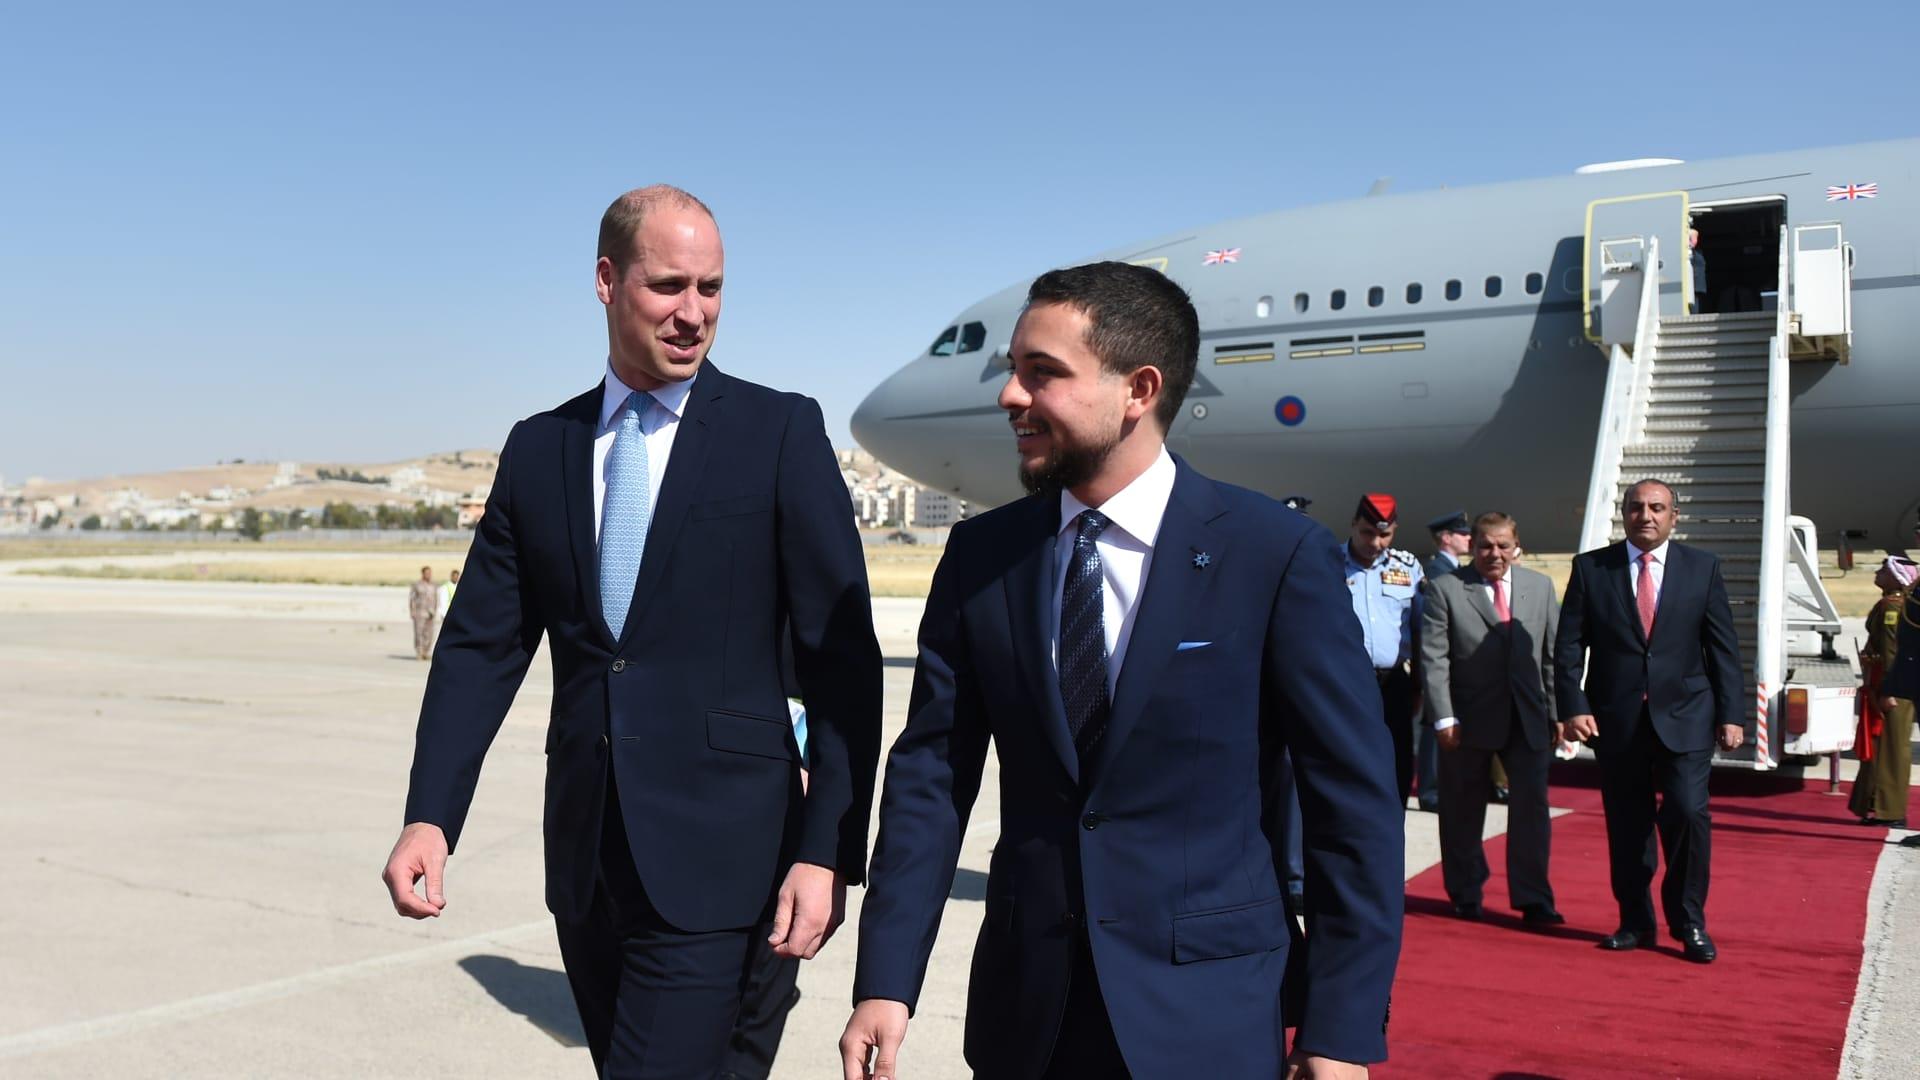 الأمير وليام يزور الشرق الأوسط.. إليك جدول أعماله